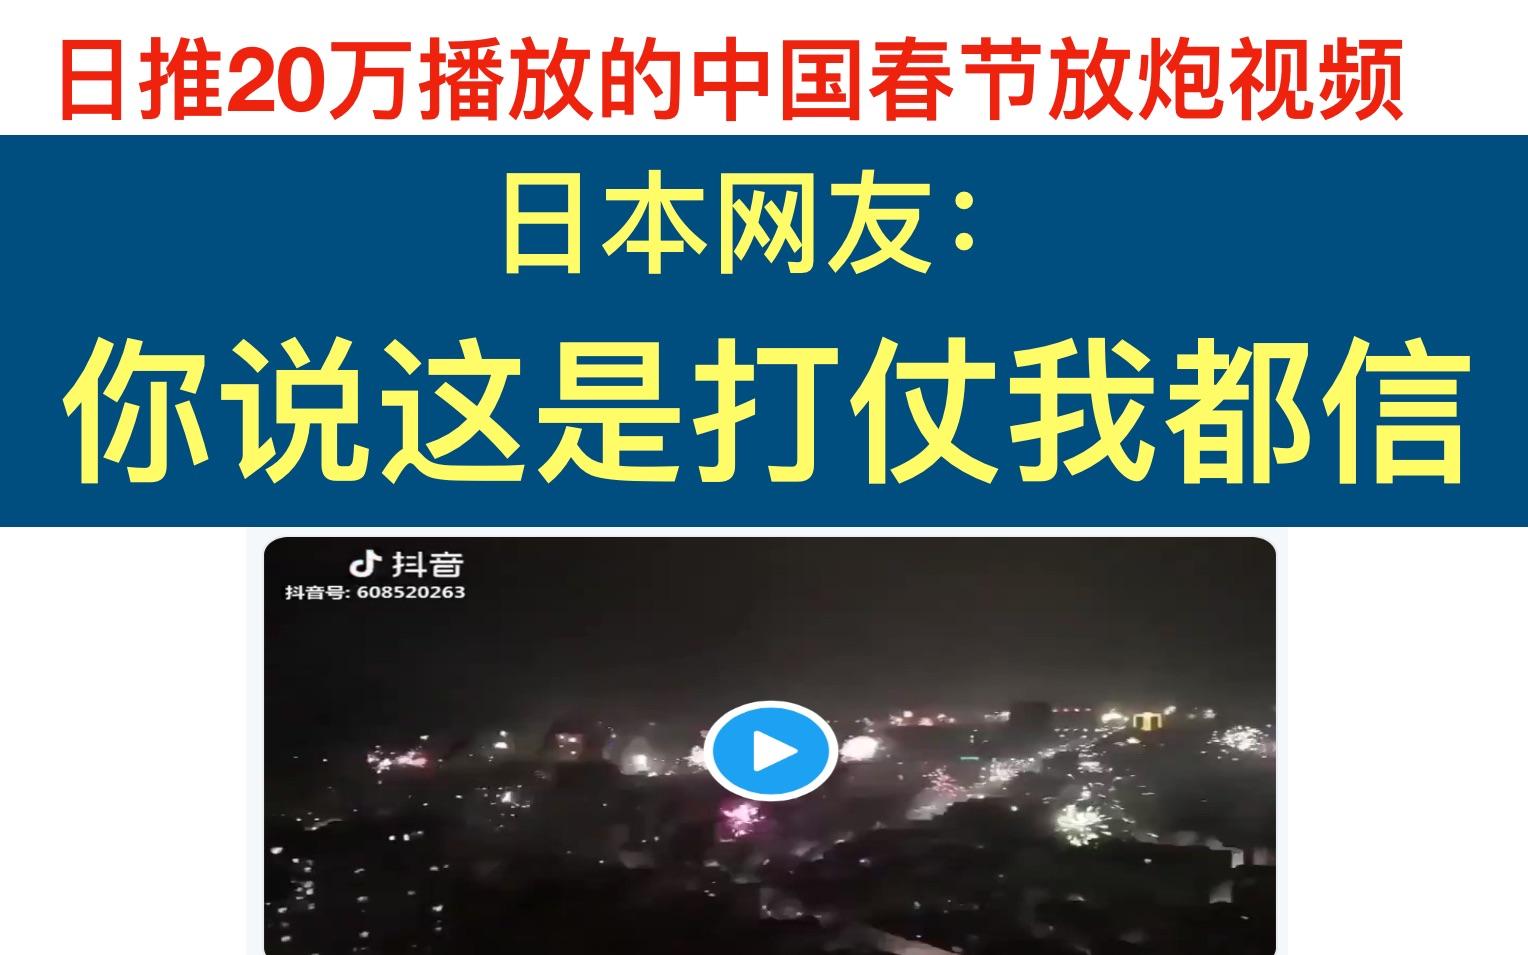 日本推特20万播放的中国春节放炮视频。日本网友:你说这是打仗我都信。